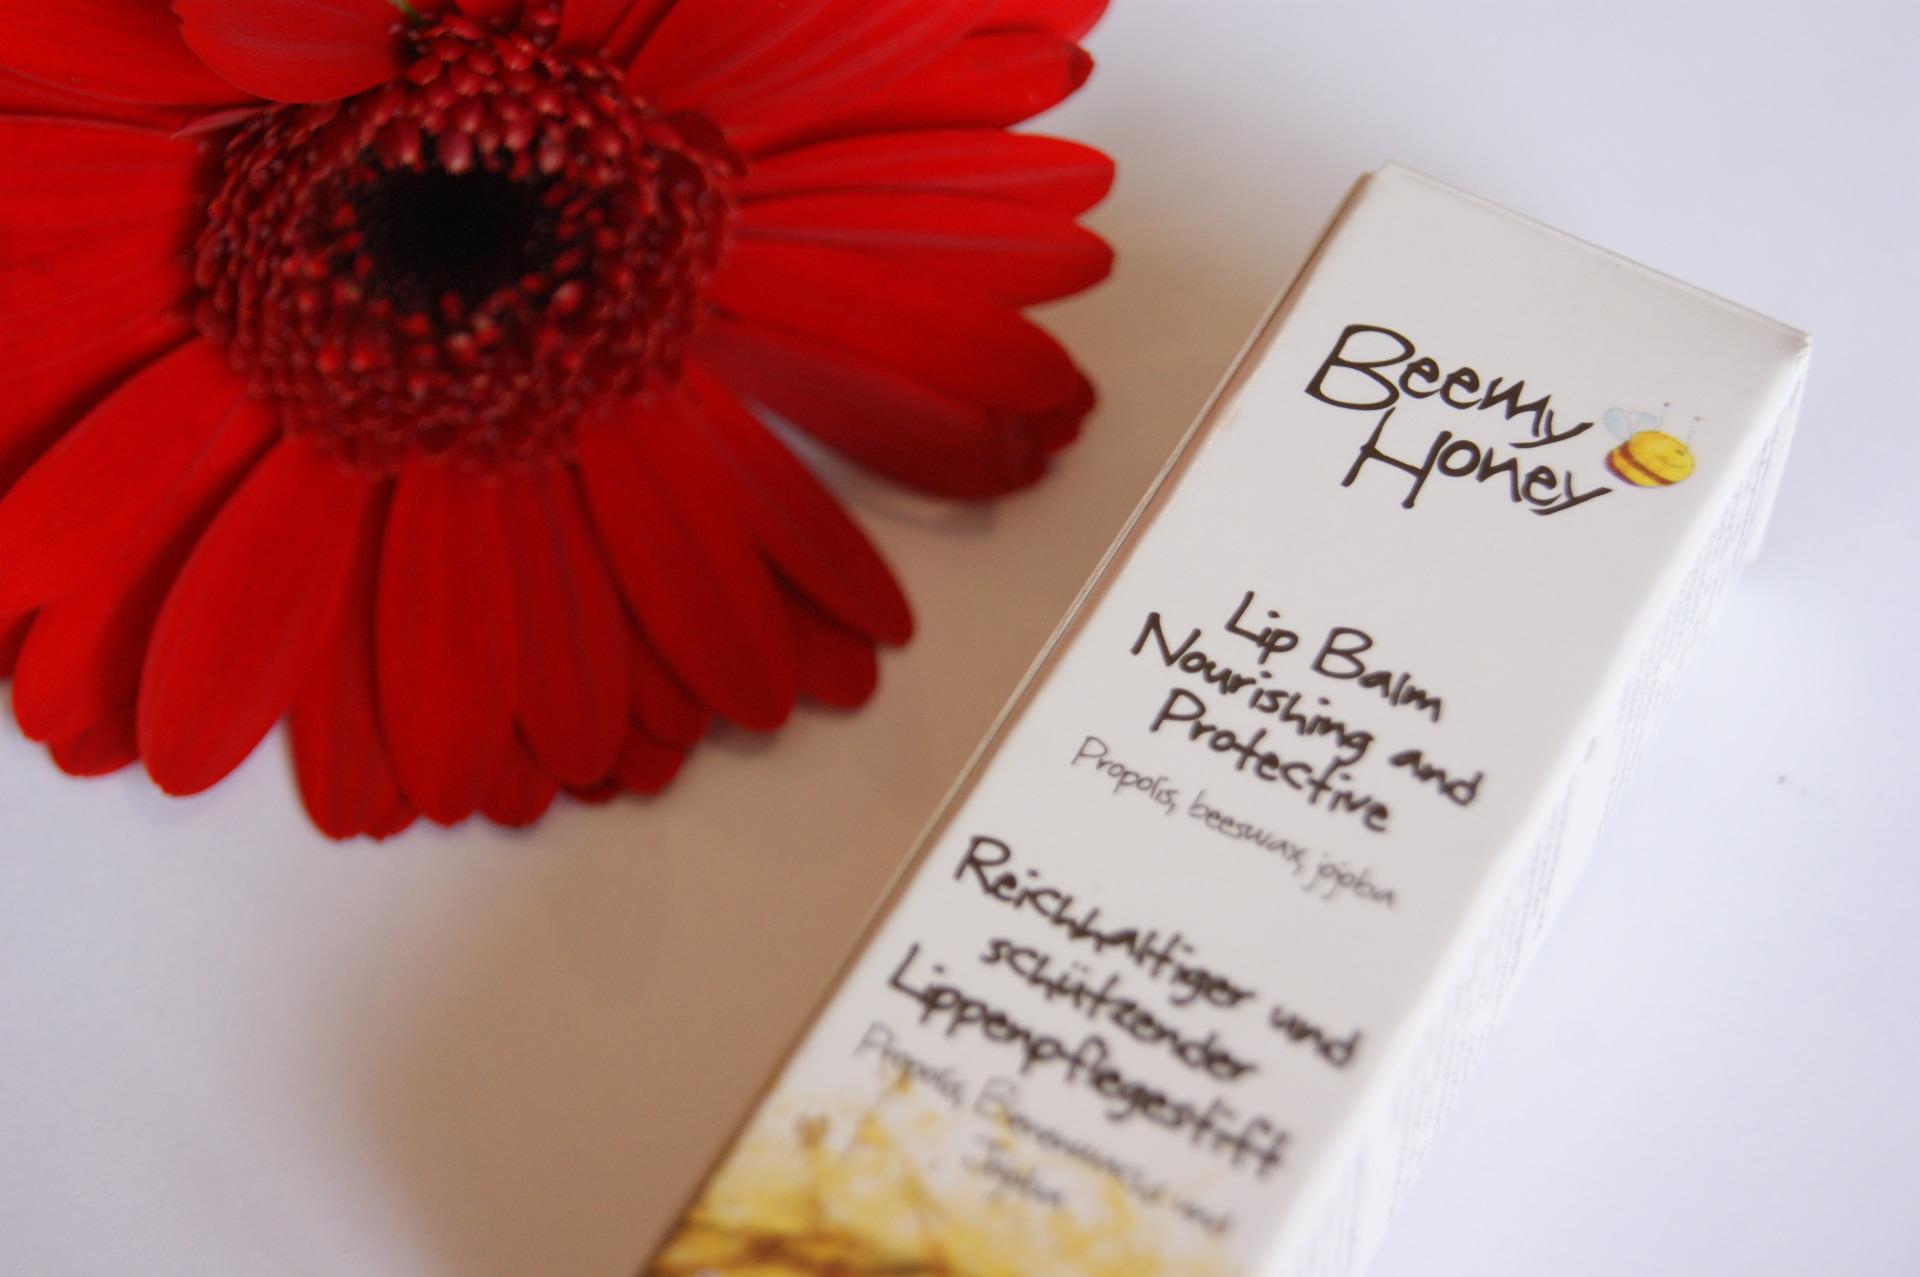 Modica Beauty Lip Balm review